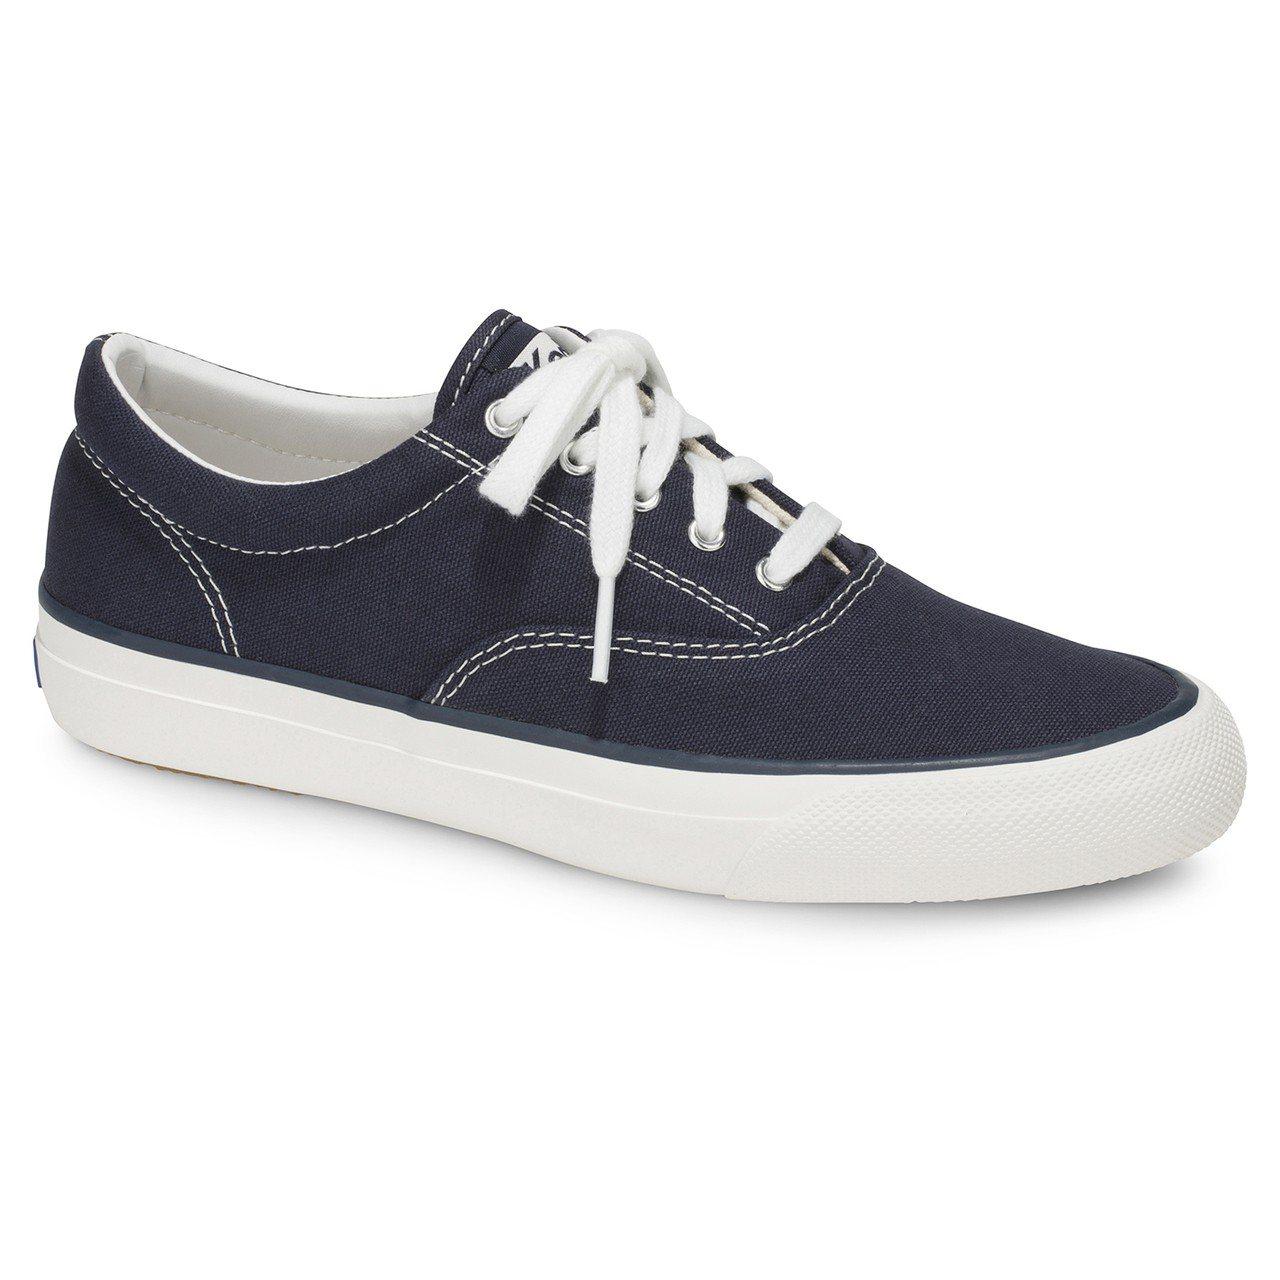 Keds Anchor系列帆布鞋,約1,890元。圖/Keds提供